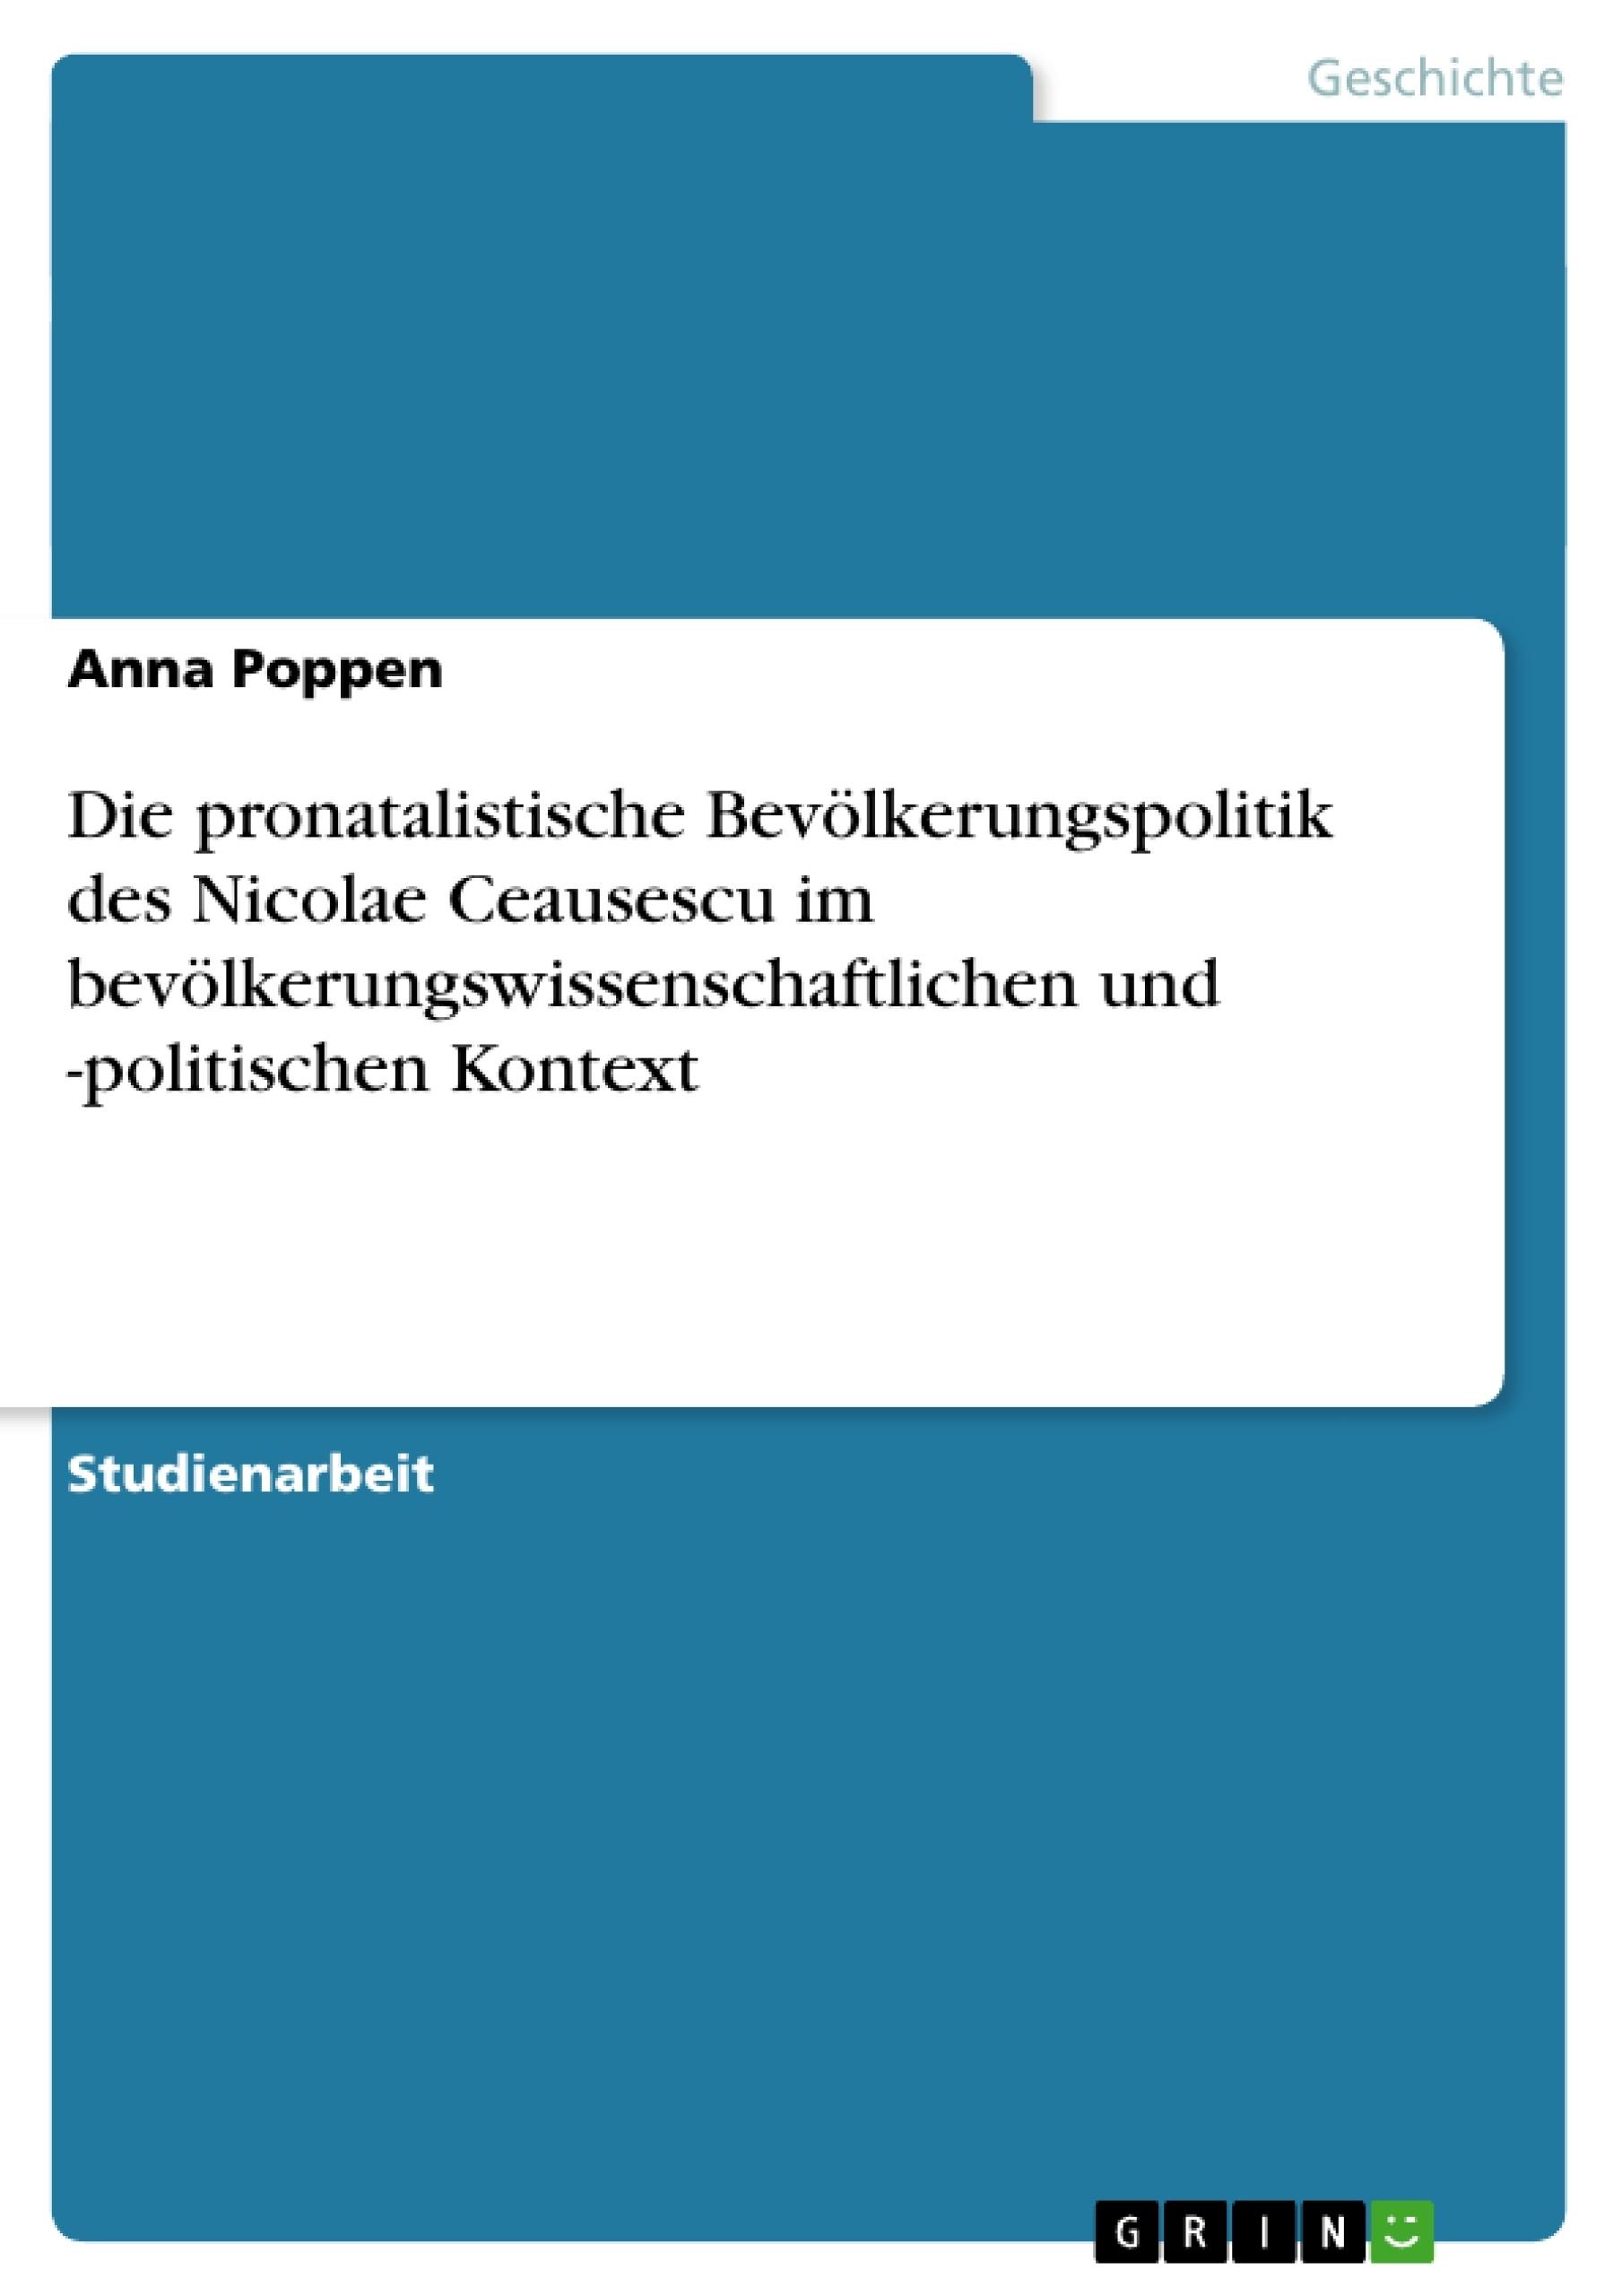 Titel: Die pronatalistische Bevölkerungspolitik des Nicolae Ceausescu im bevölkerungswissenschaftlichen und -politischen Kontext